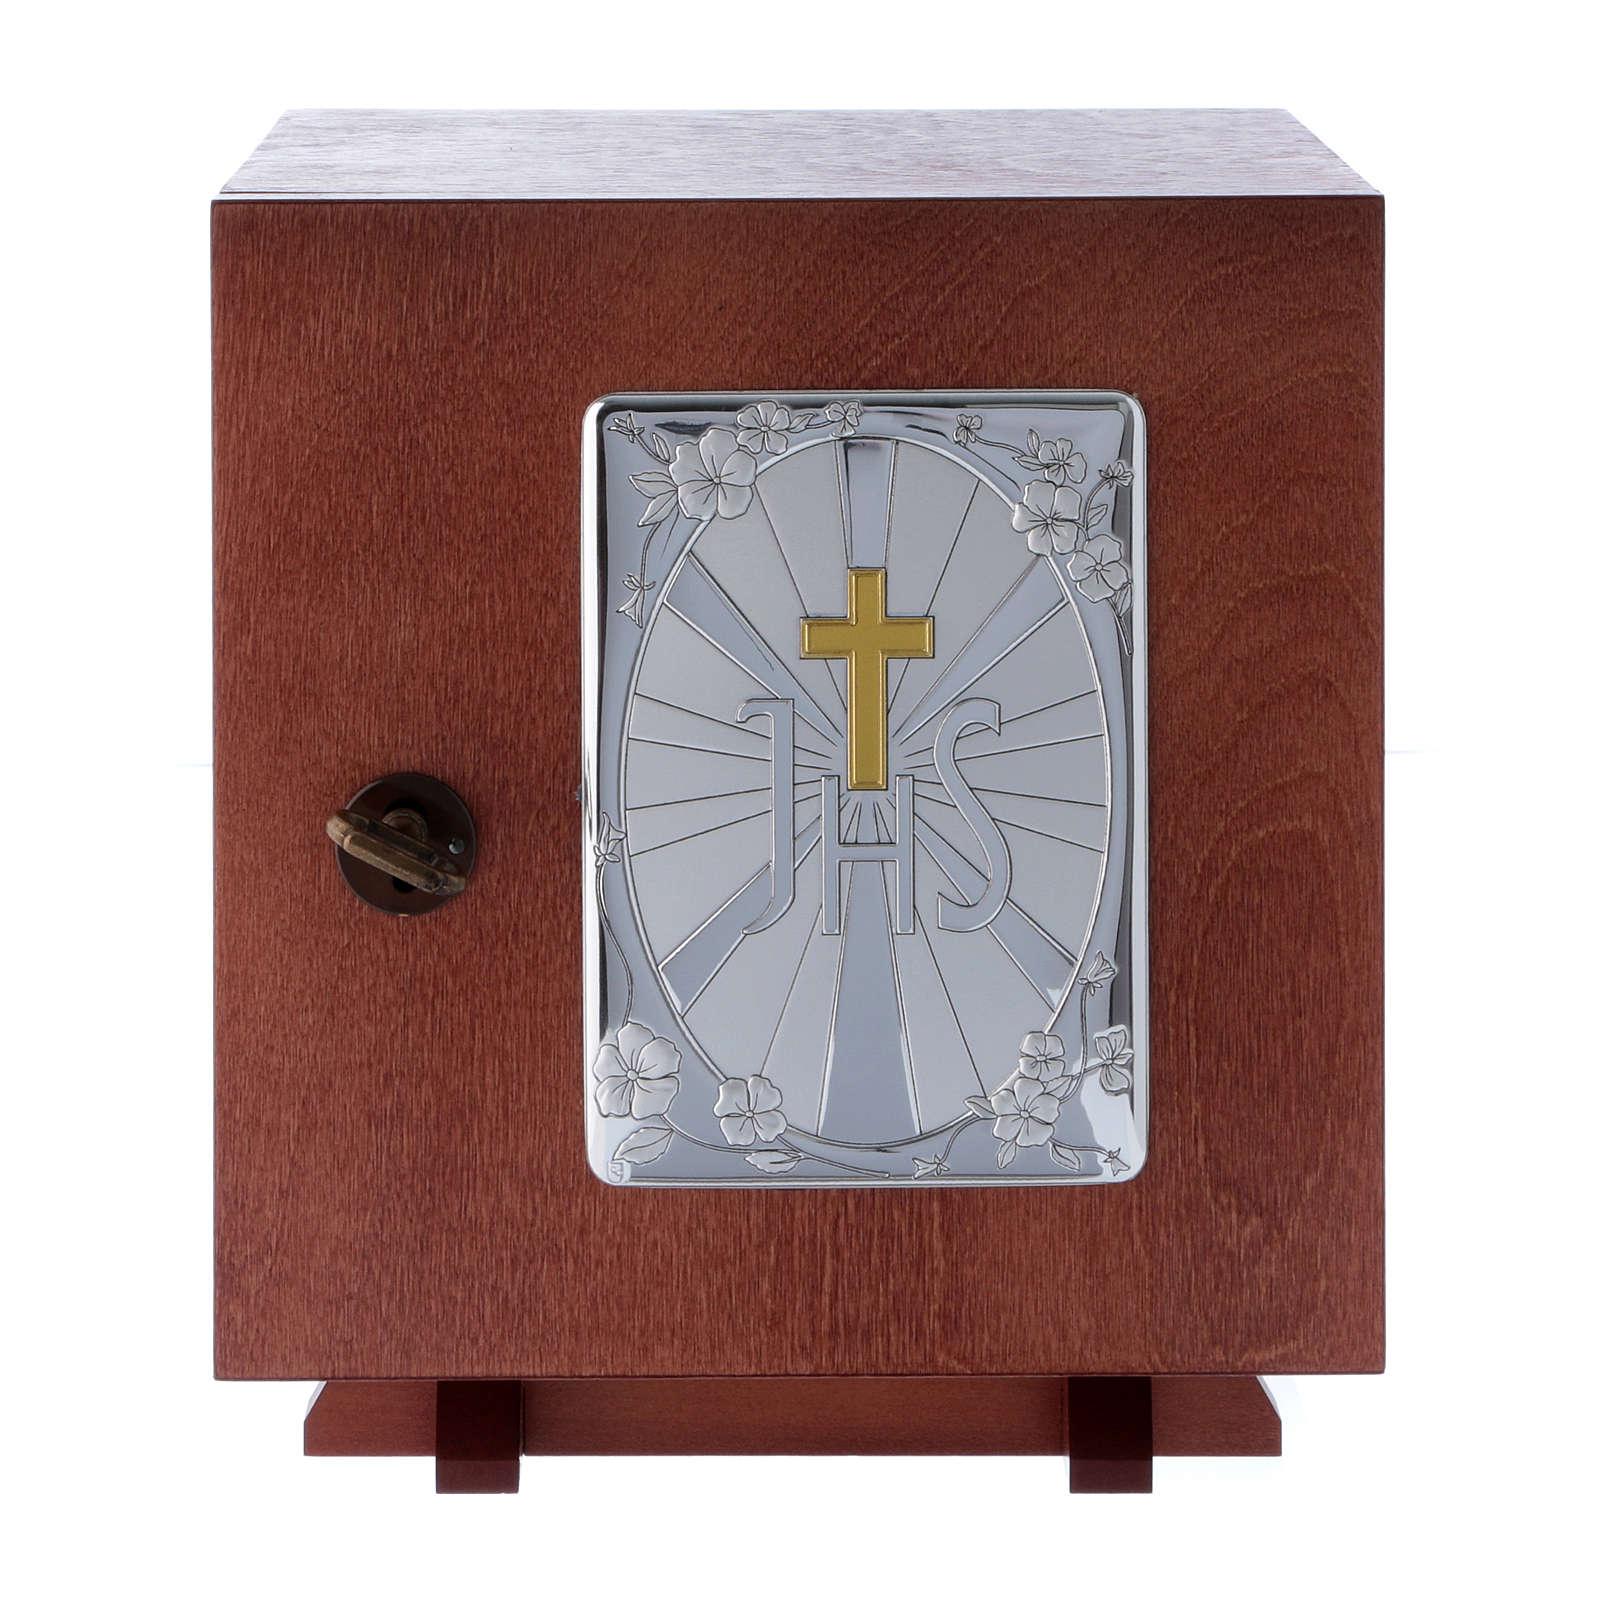 Tabernacolo in legno e placca allumino Croce IHS JHS 20X20 cm 4